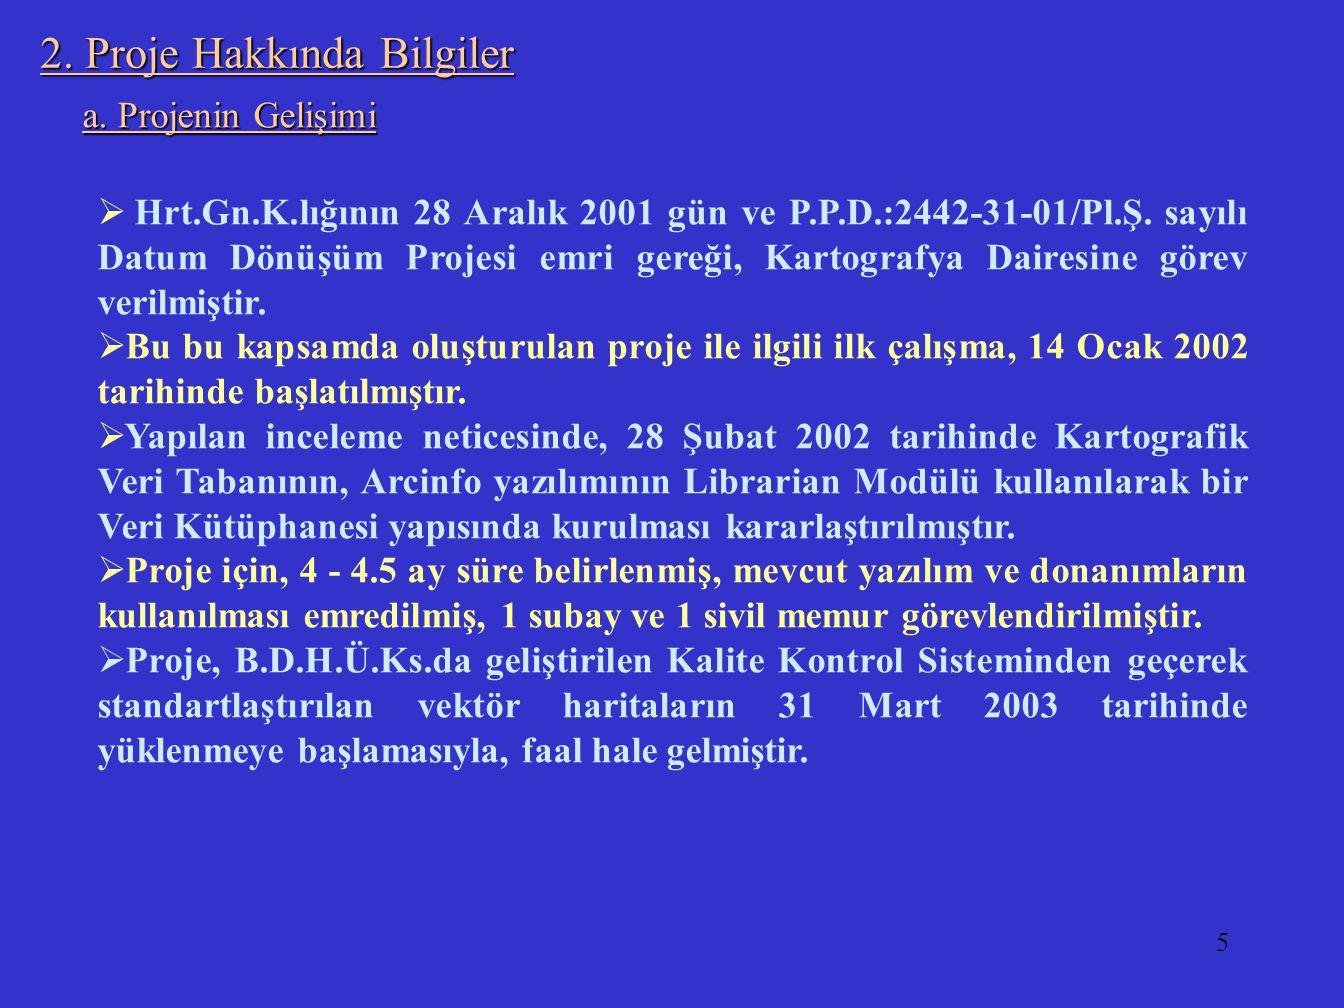 5 2. Proje Hakkında Bilgiler a. Projenin Gelişimi  Hrt.Gn.K.lığının 28 Aralık 2001 gün ve P.P.D.:2442-31-01/Pl.Ş. sayılı Datum Dönüşüm Projesi emri g